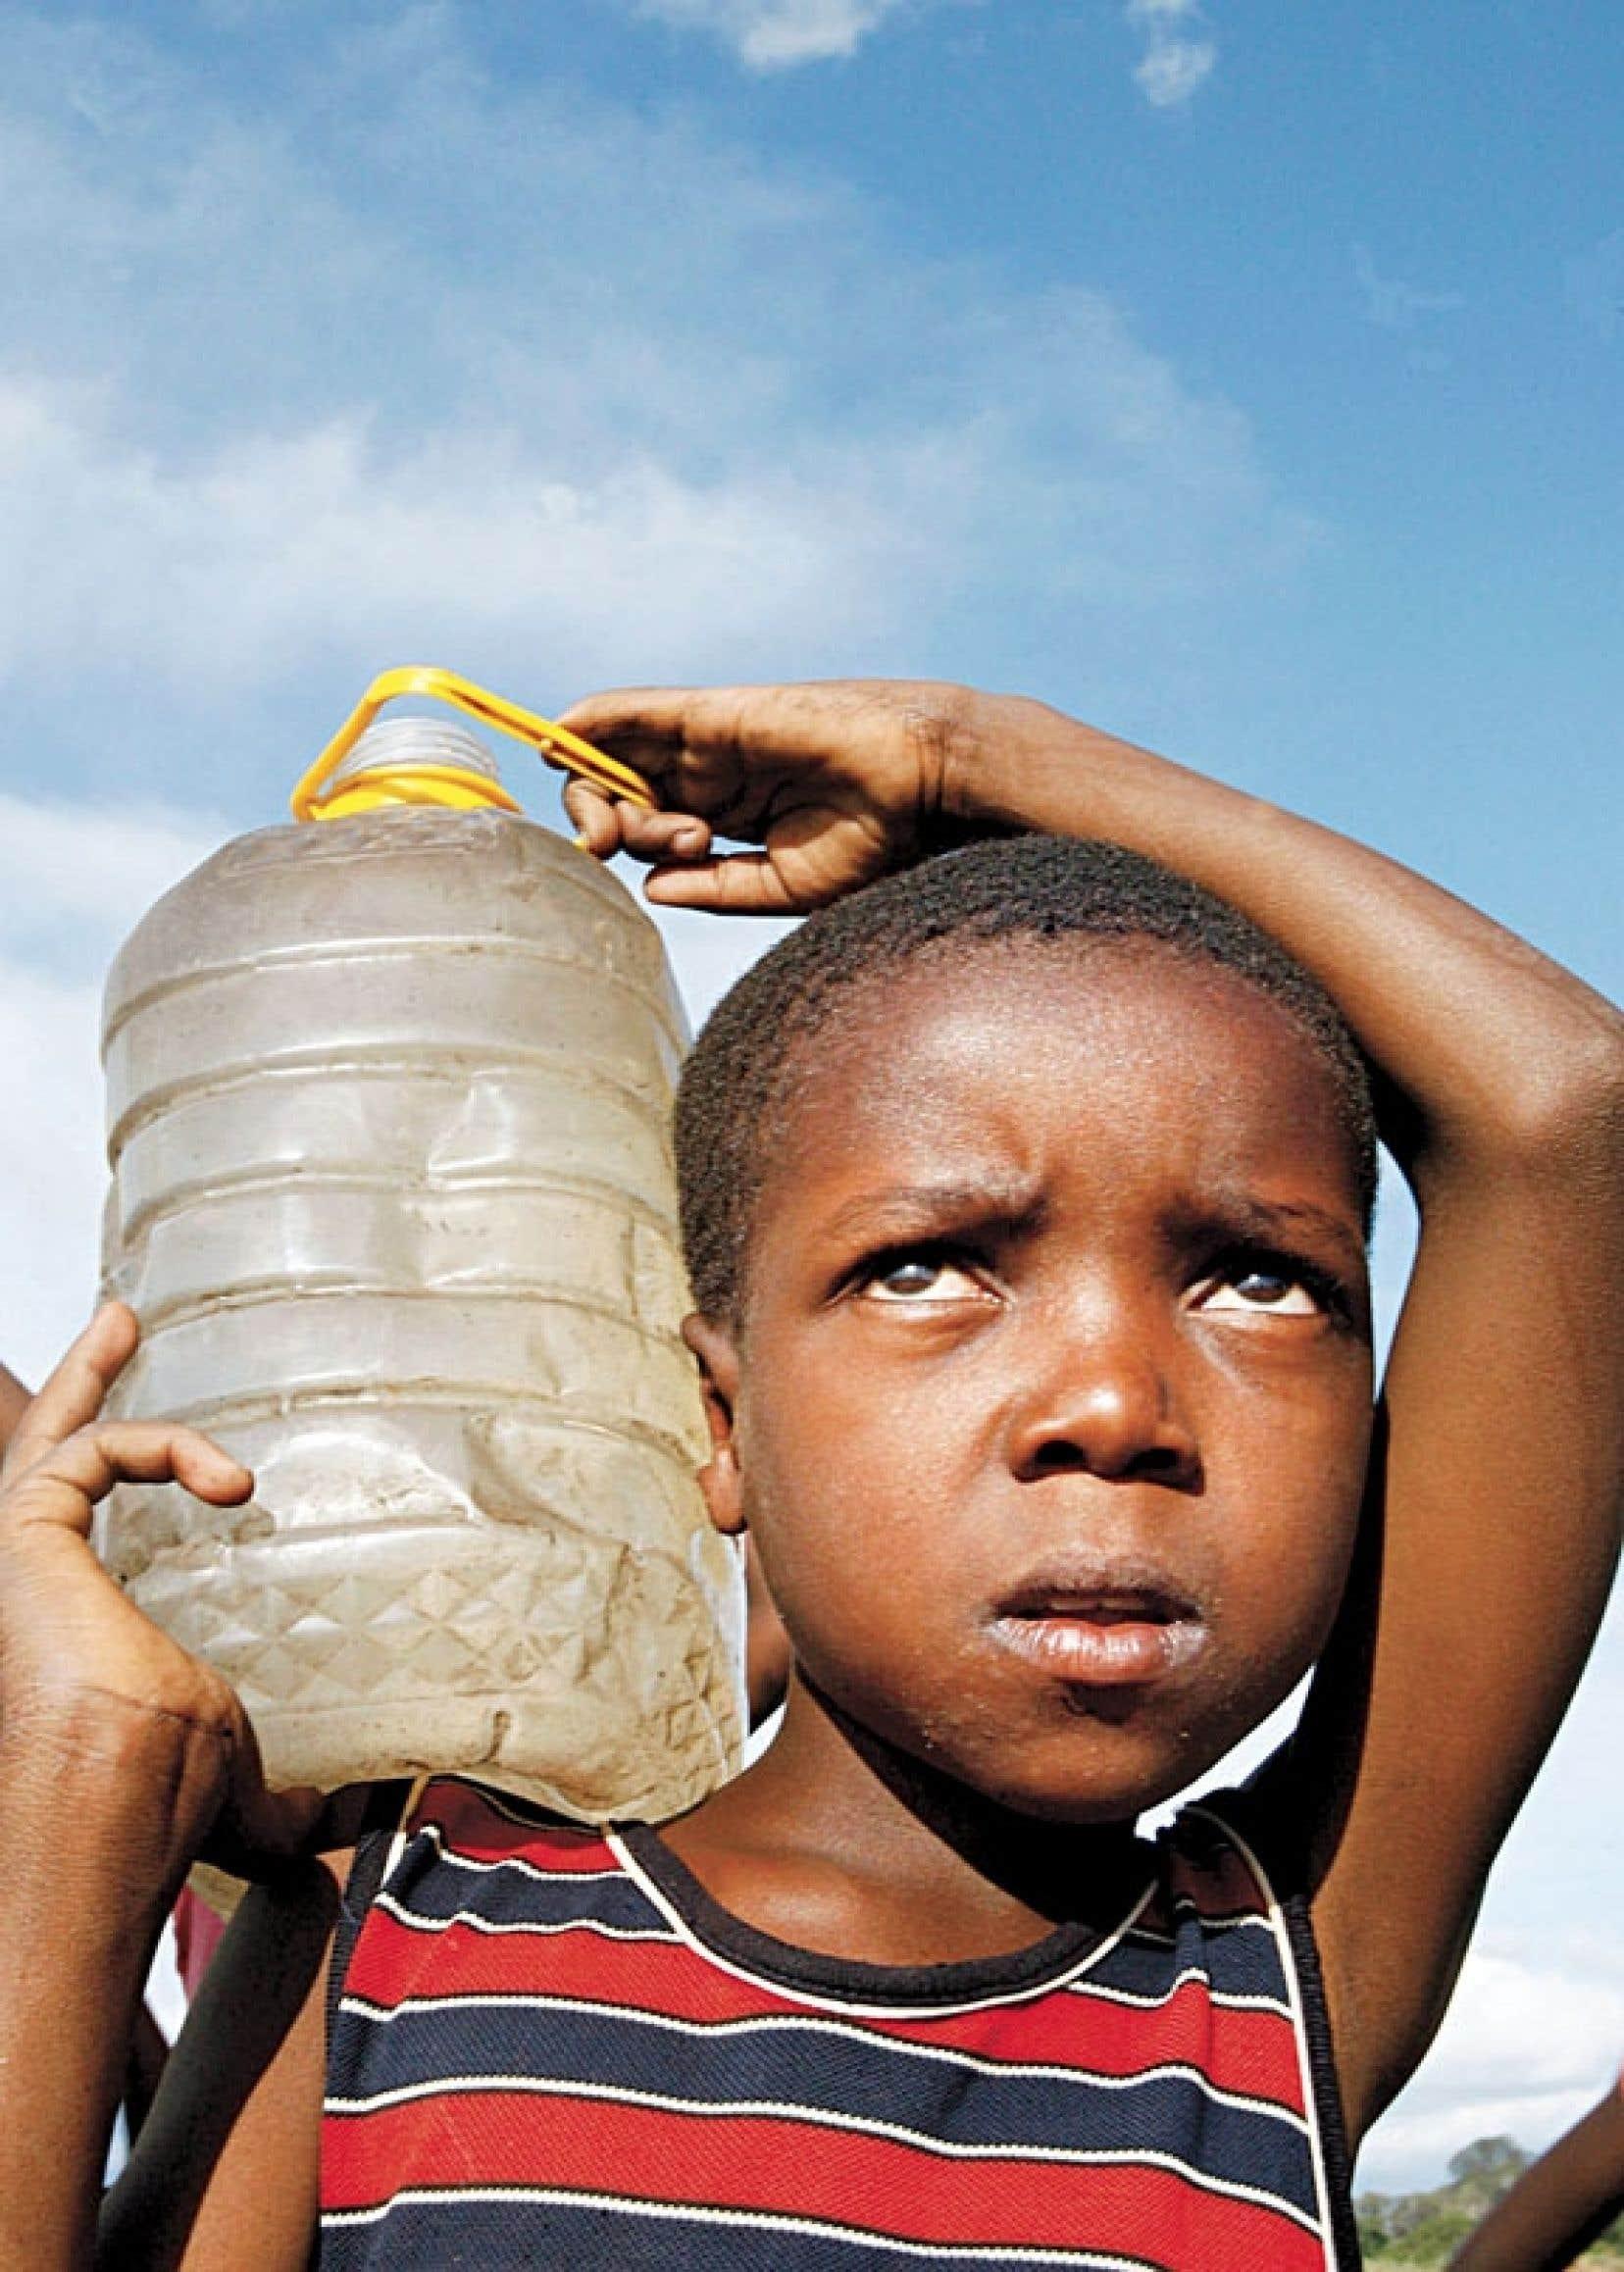 L'extrême pauvreté n'épargne pas les enfants: sept millions d'enfants de moins de cinq ans meurent chaque année, victimes innocentes d'une répartition inégale de la richesse.